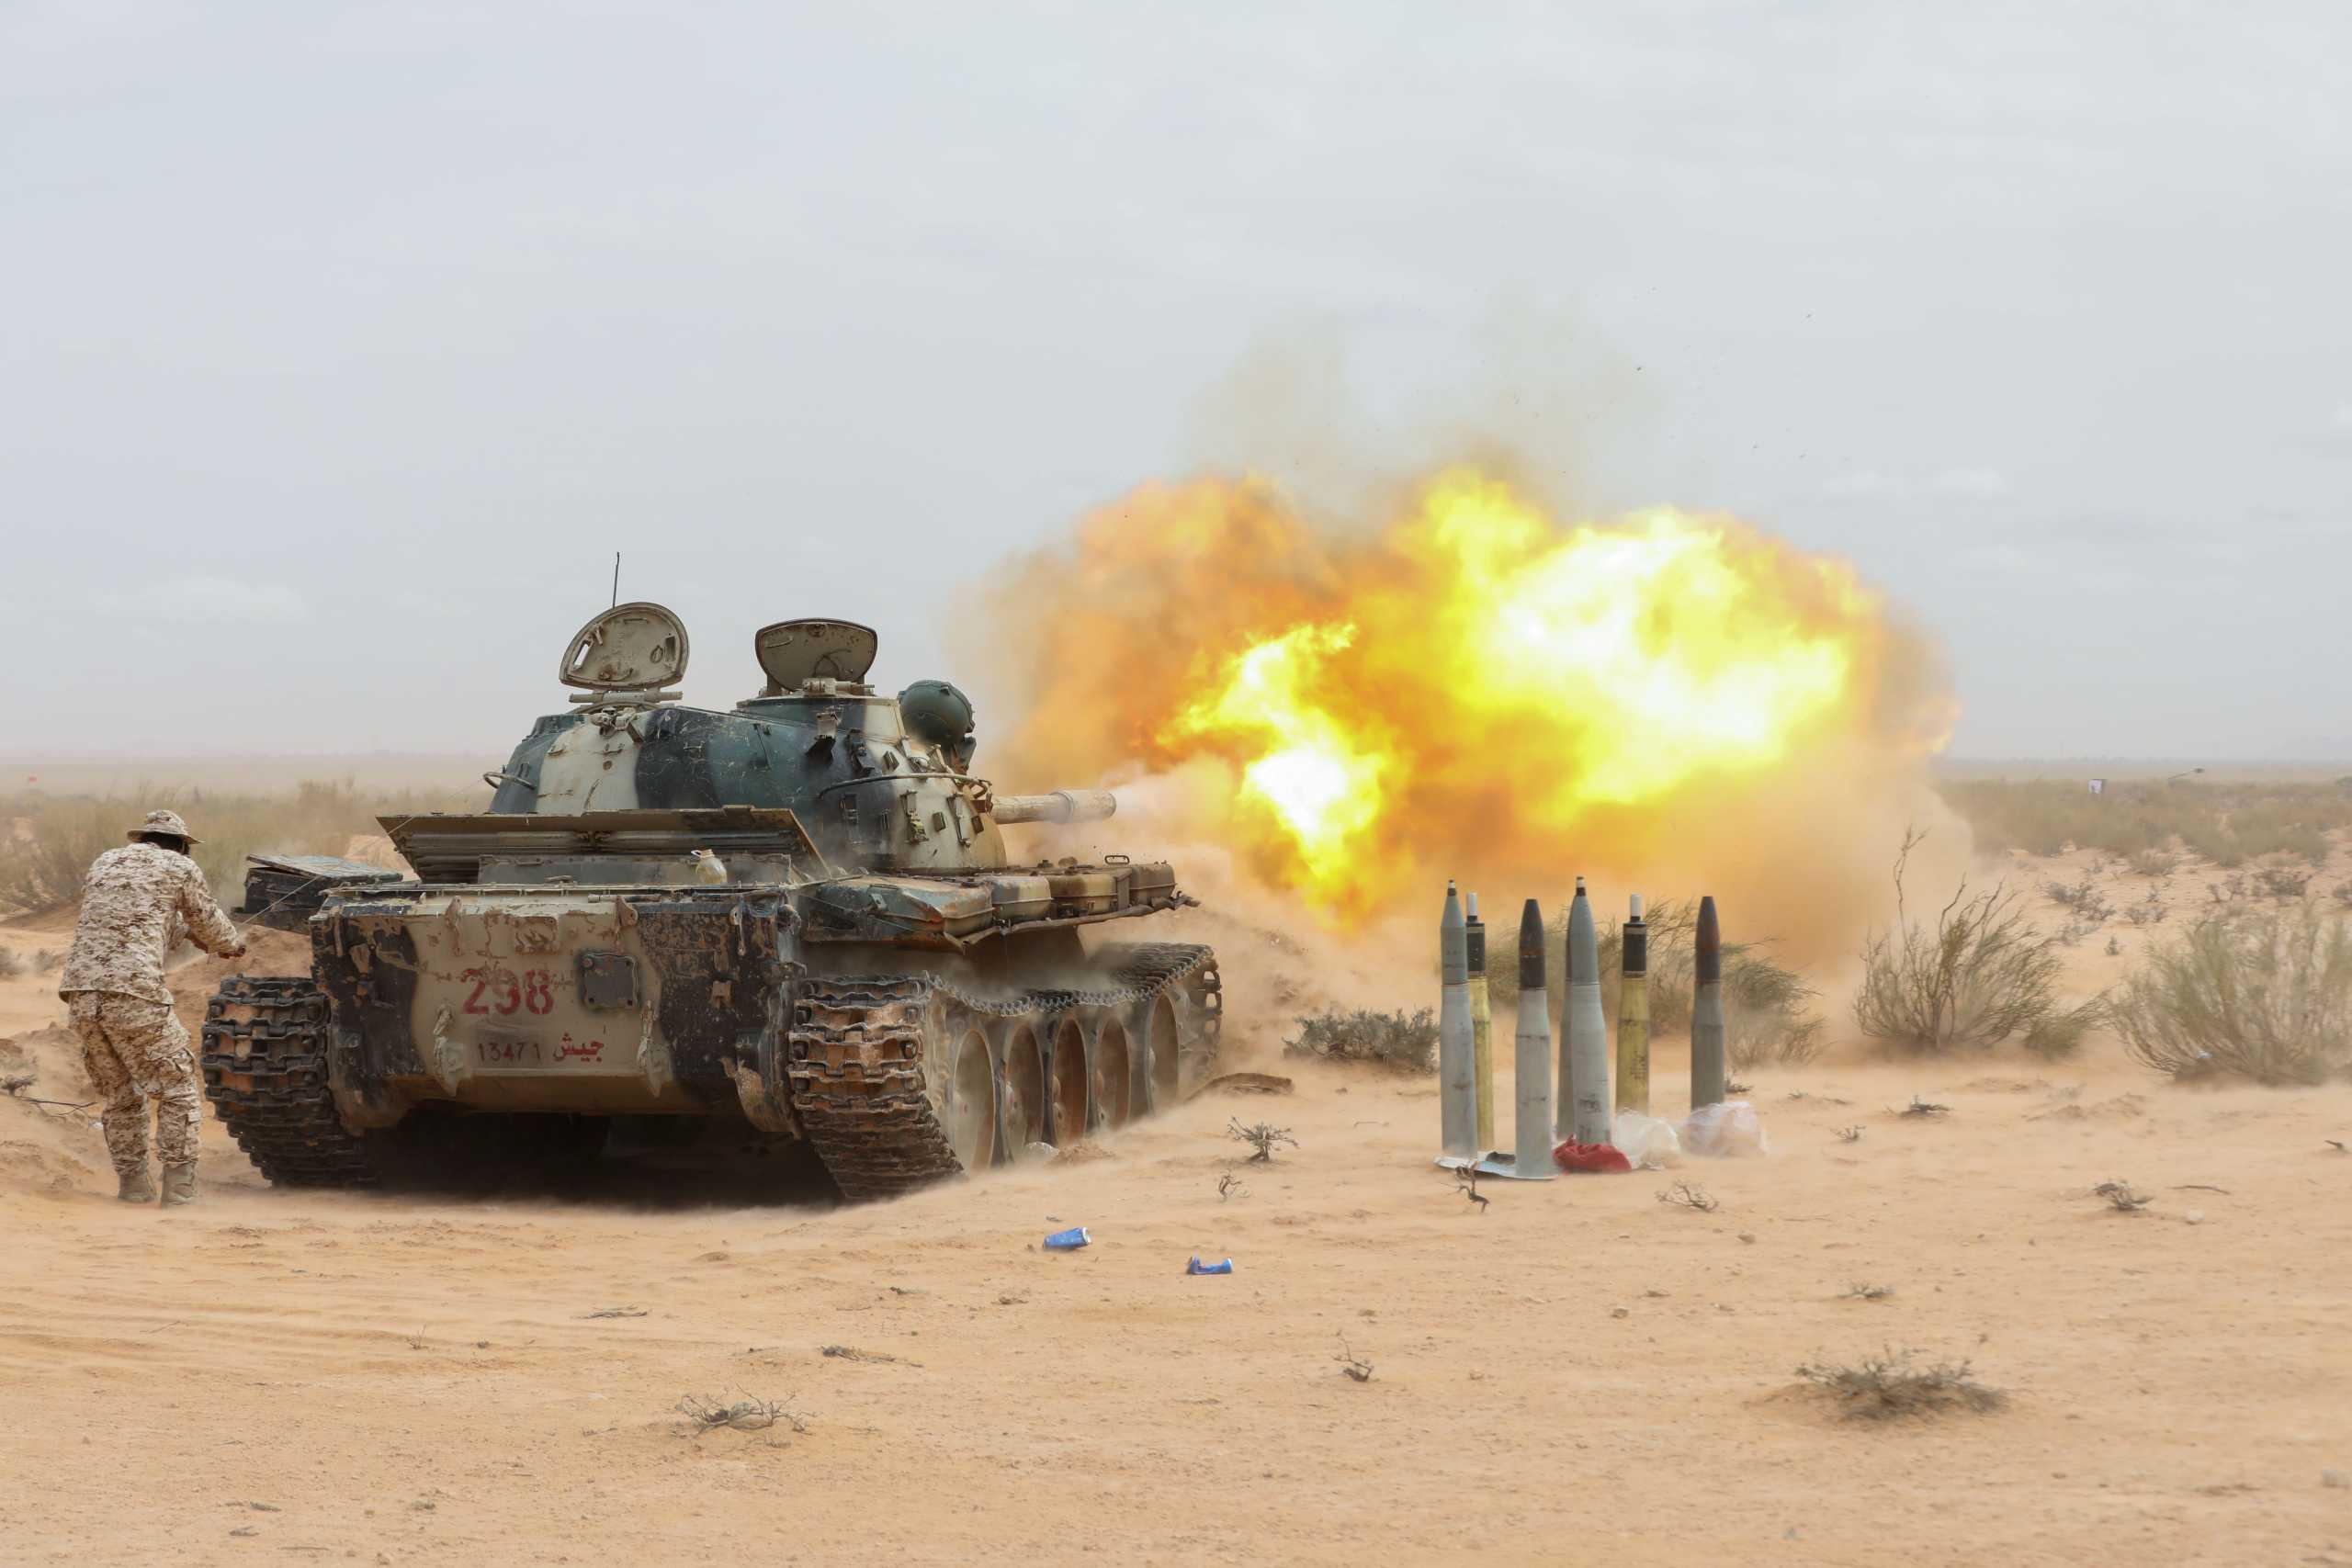 Λιβύη: Μισθοφόροι της Τουρκίας αποχώρησαν από τη χώρα εκνευρισμένοι και… απλήρωτοι!